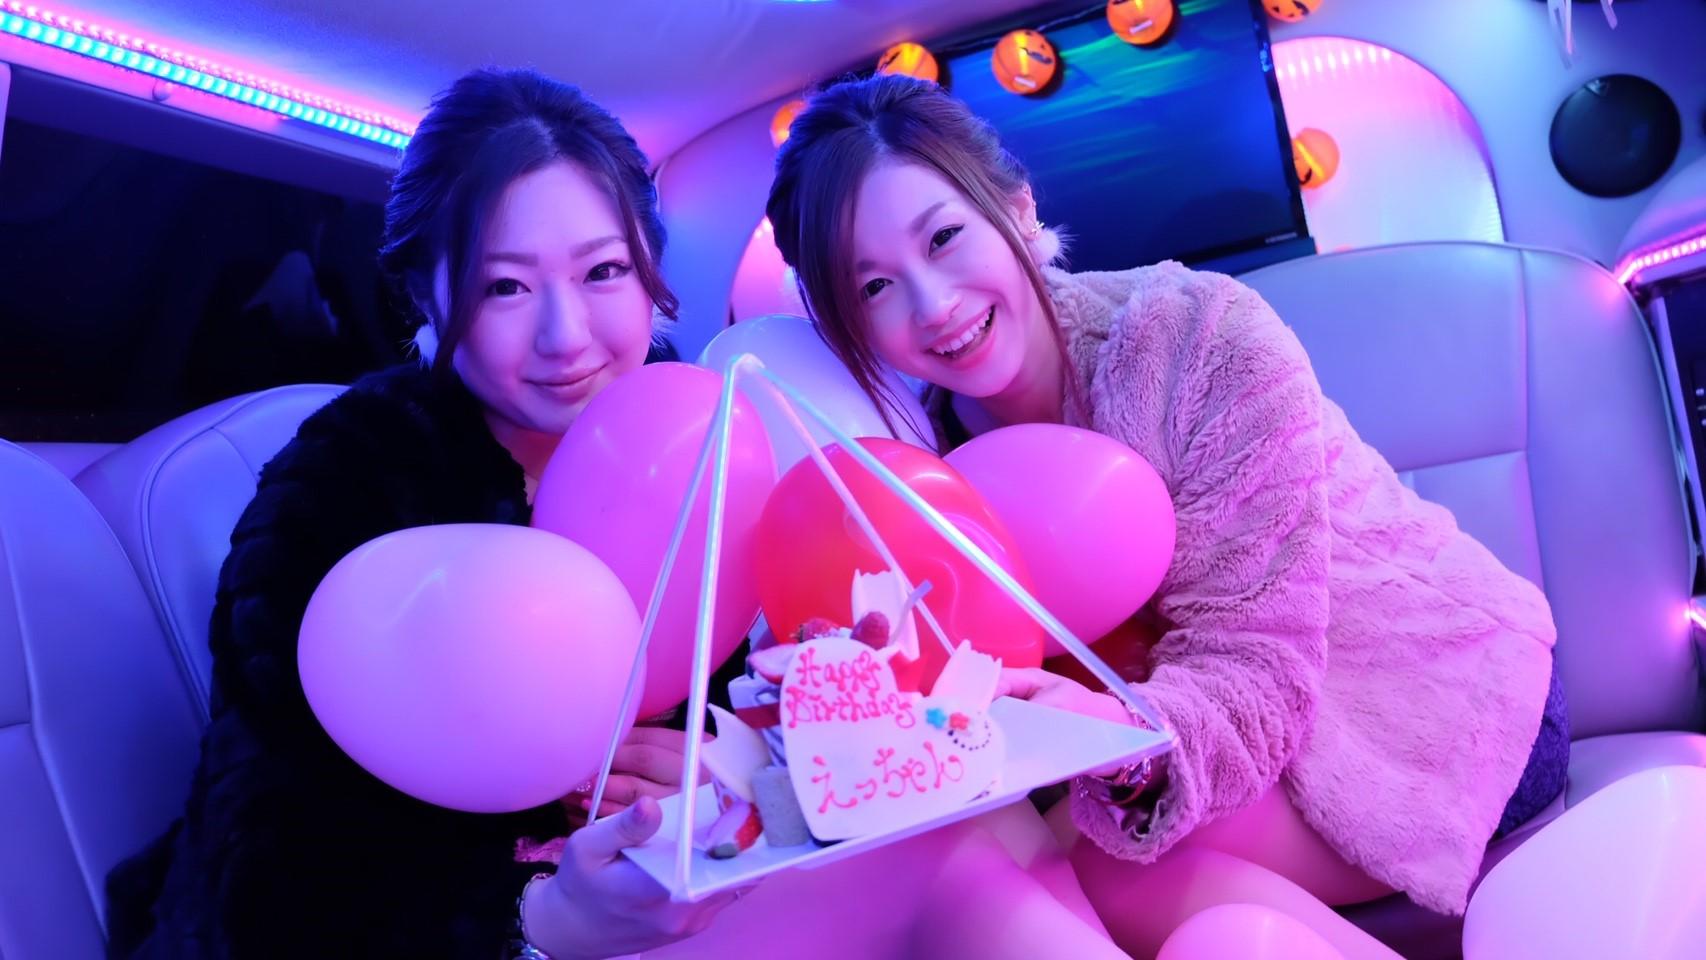 撮影女子会では誕生日もお祝いできる最新エンターテイメントパーティーです。バースデーケーキと一緒に可愛く誕生日の記念撮影をしましょう